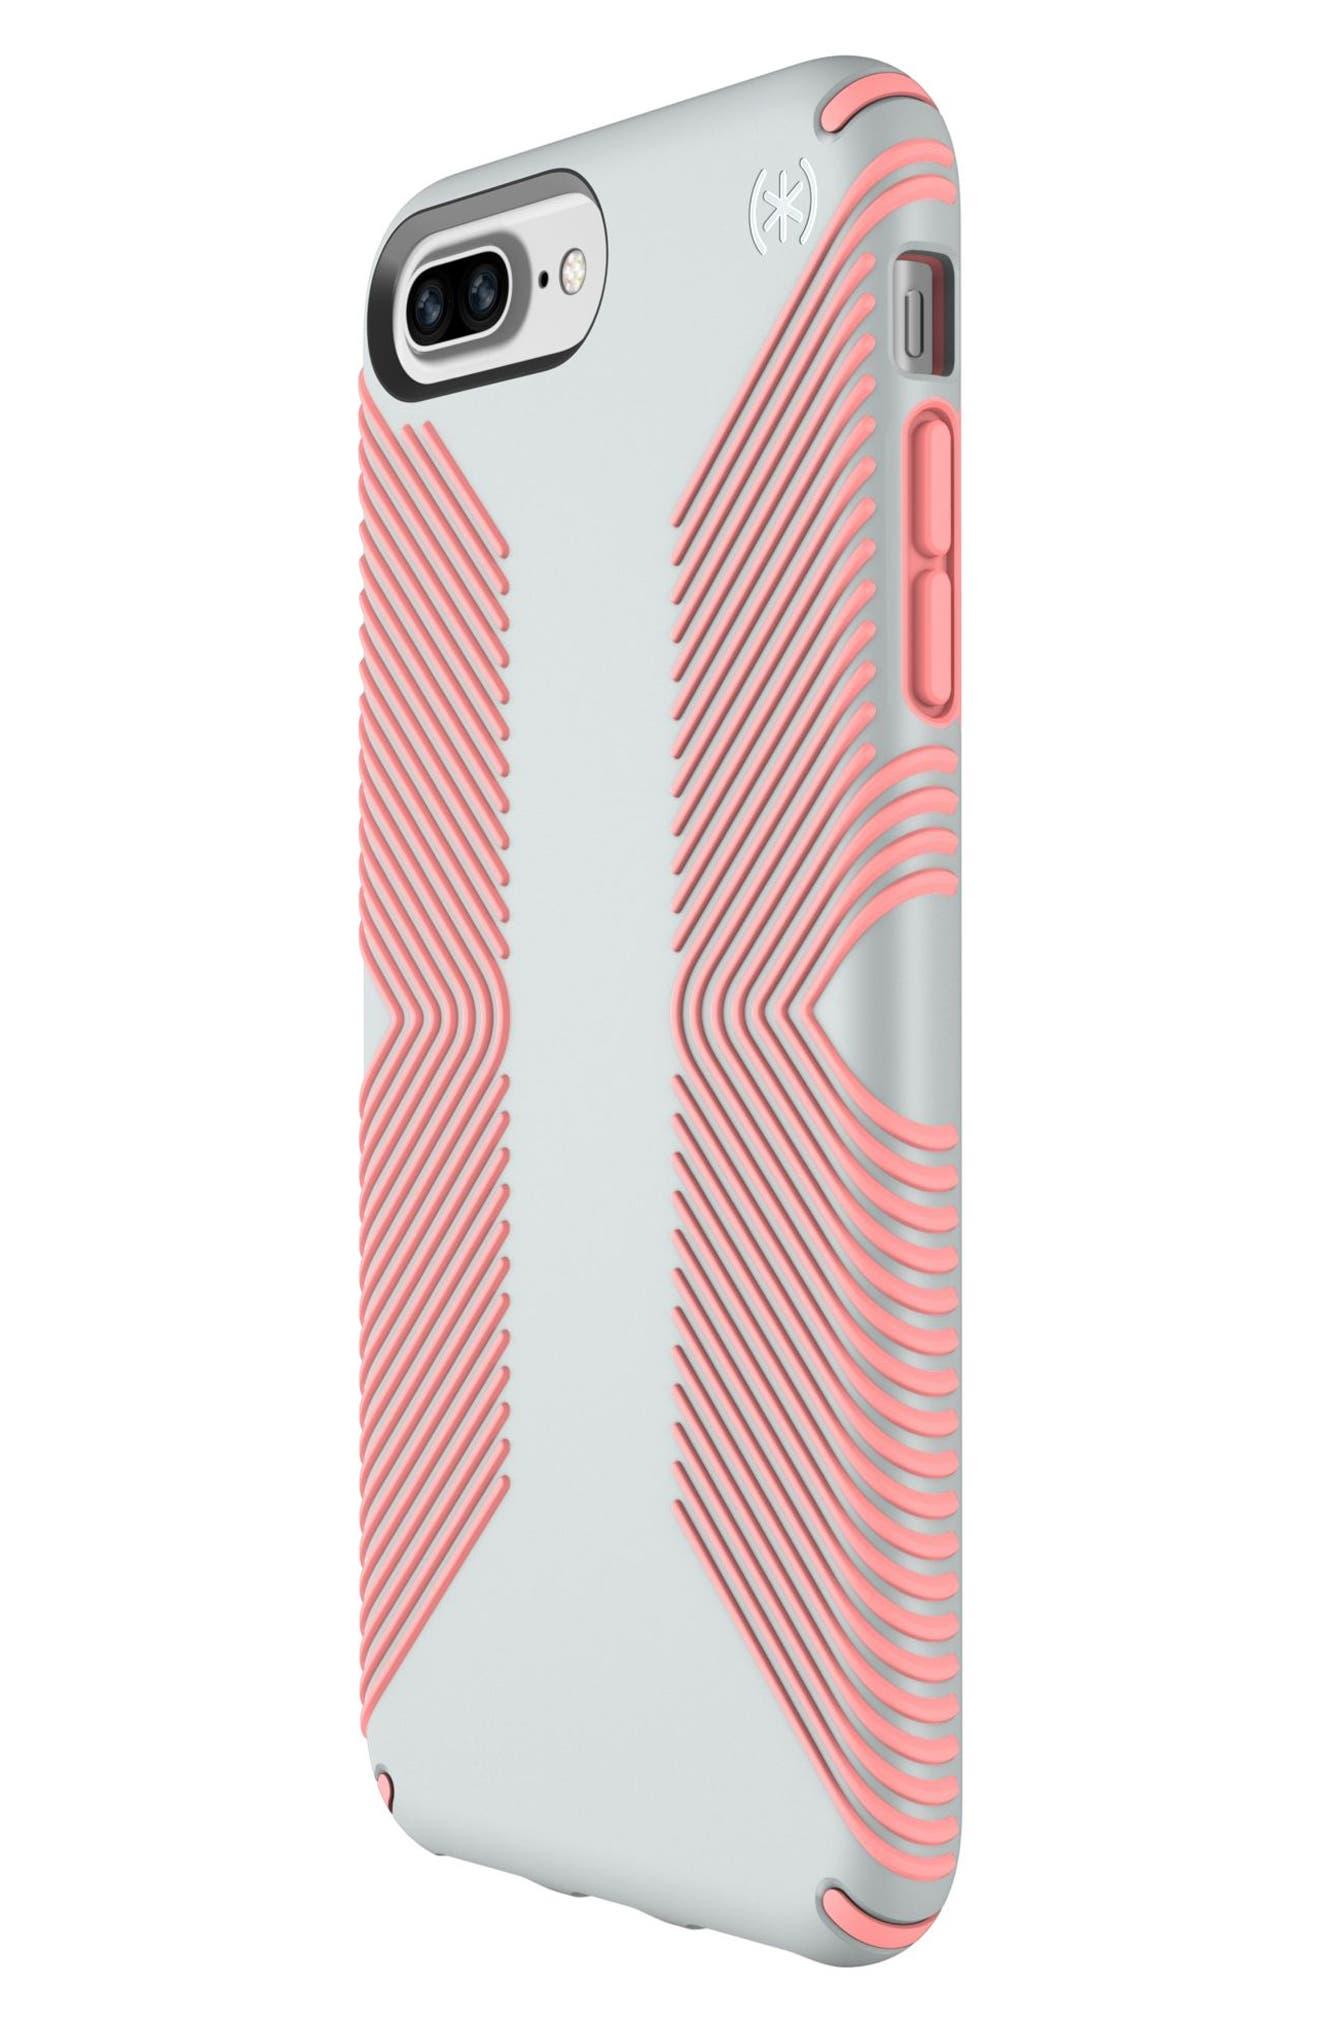 Grip iPhone 6/6s/7/8 Plus Case,                             Alternate thumbnail 5, color,                             020